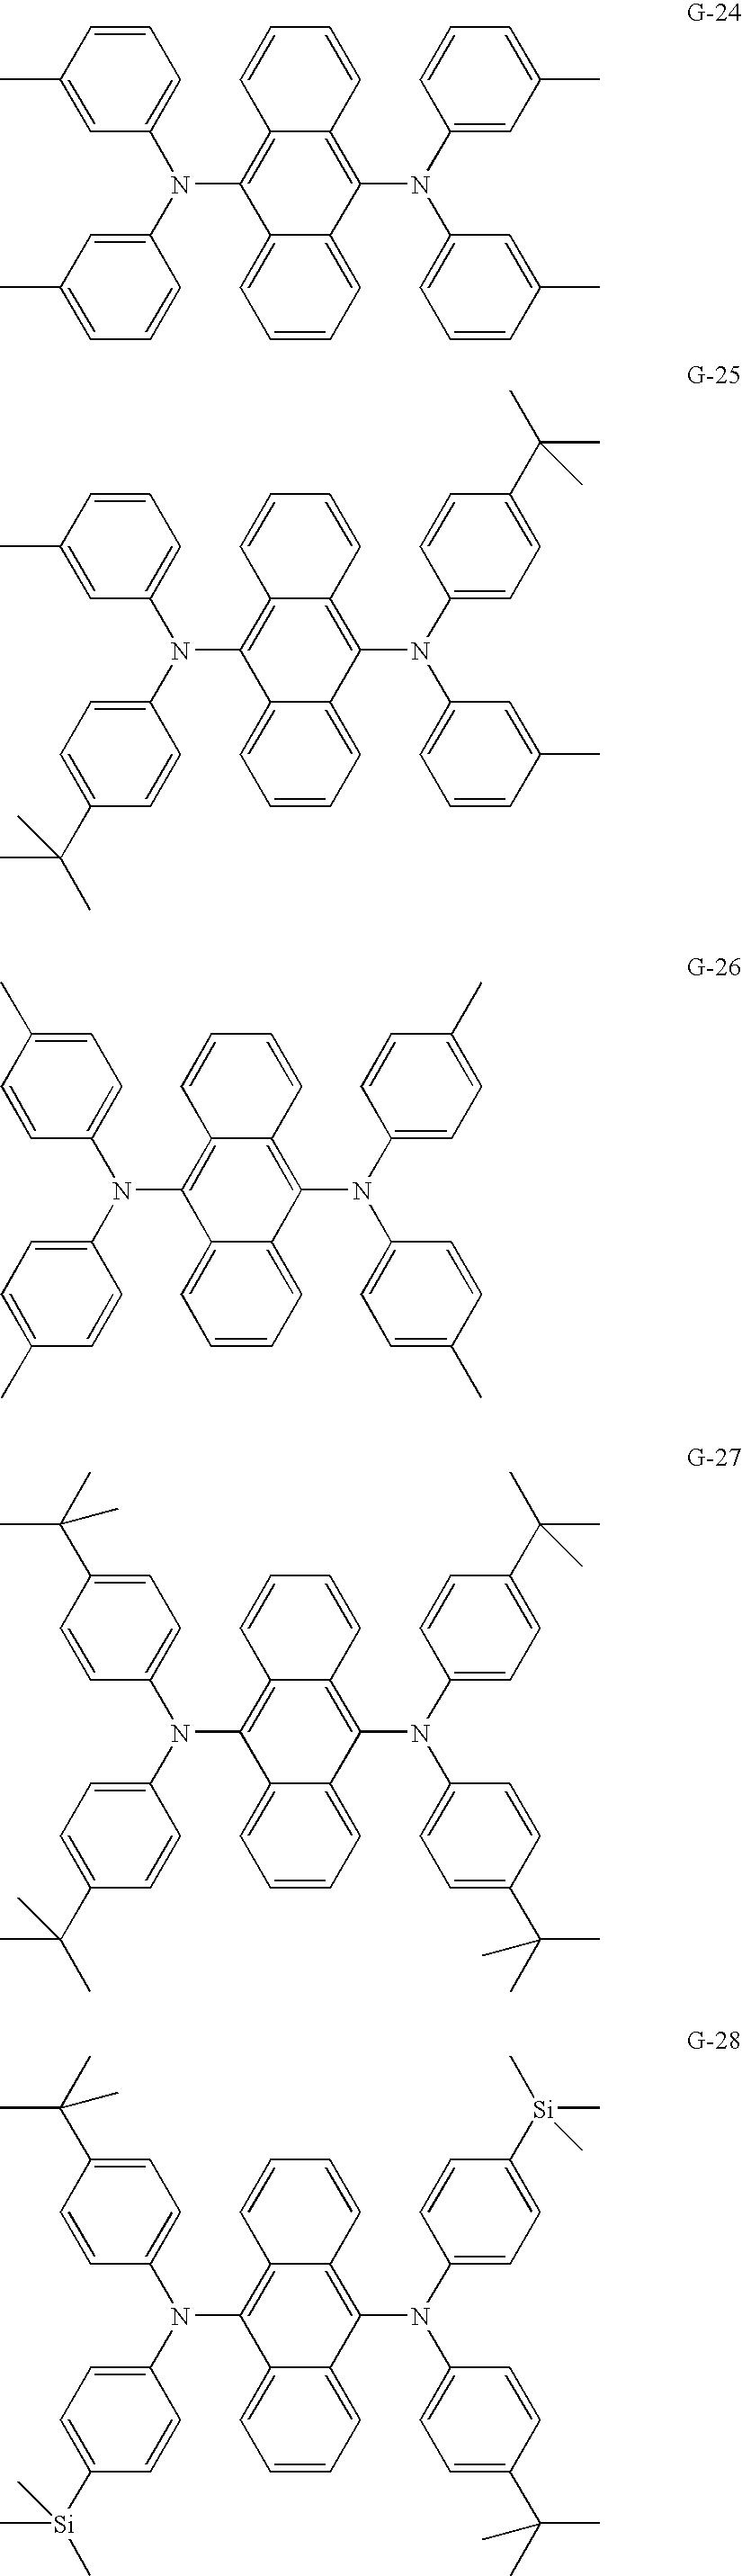 Figure US07651788-20100126-C00041